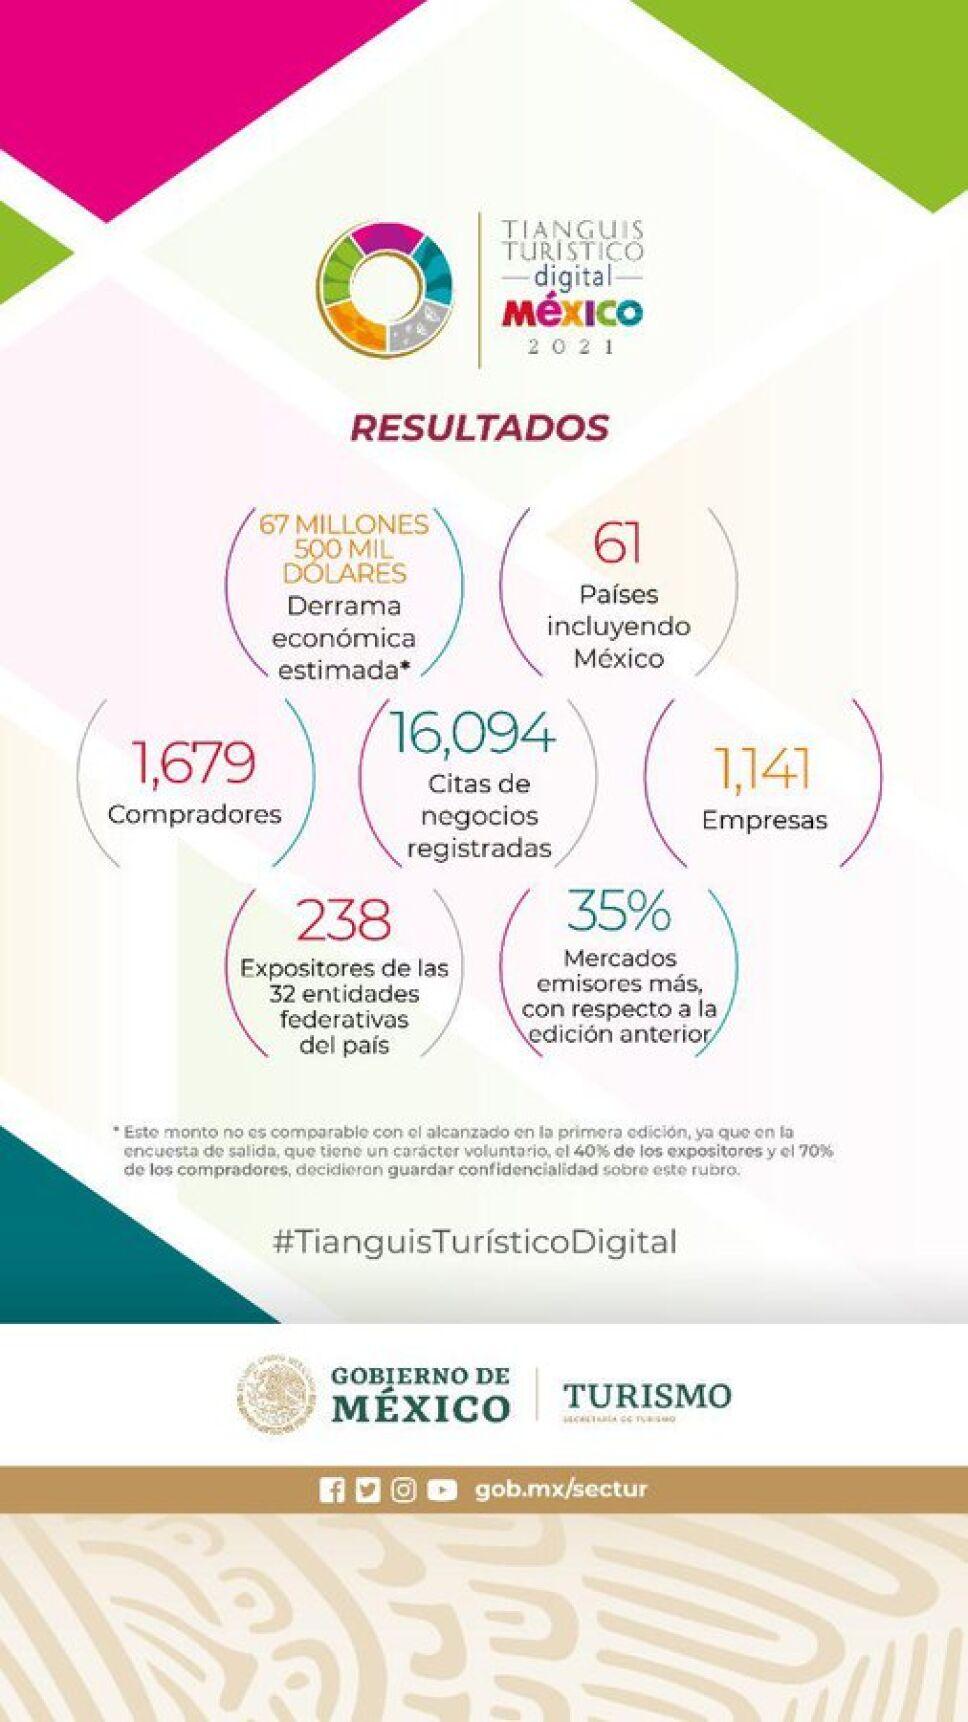 TIANGUIS TURÍSTICO DIGITAL RESULTADOS SECTUR.jpg